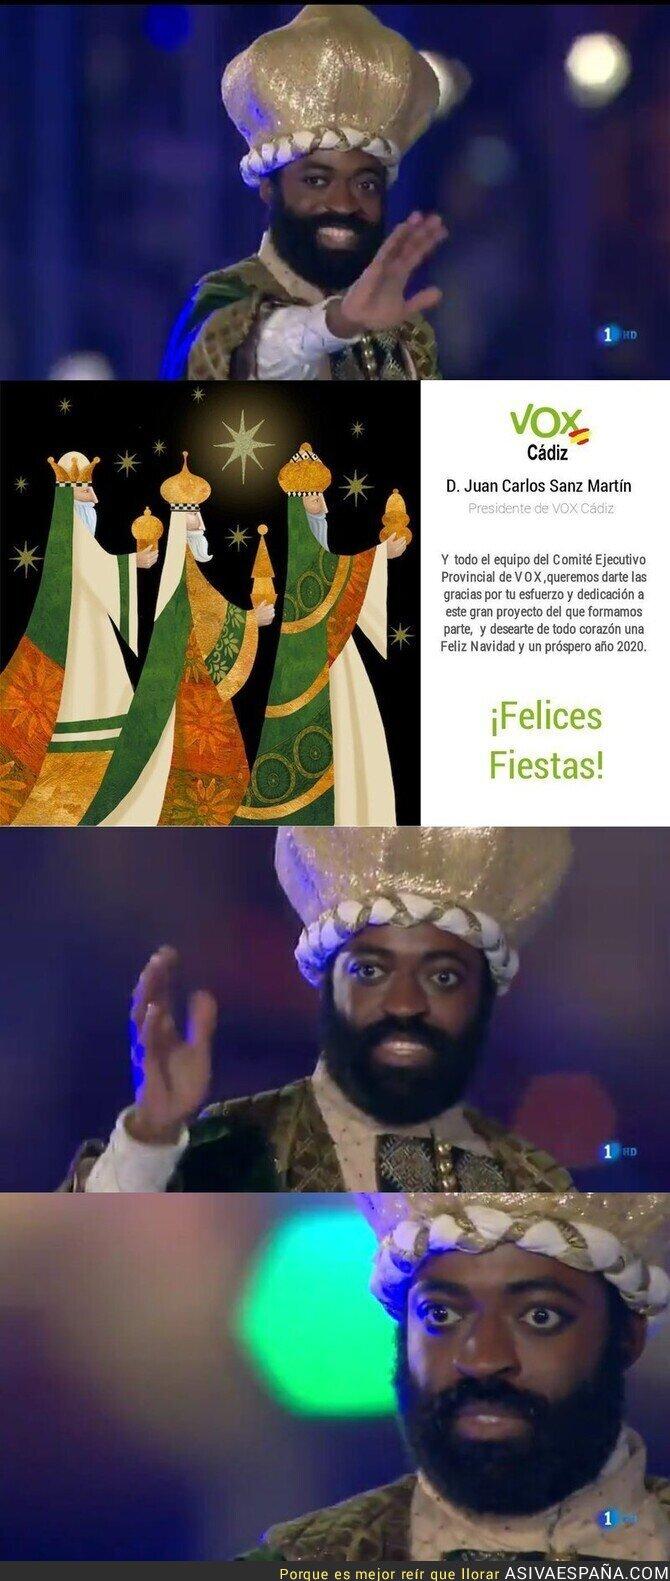 129482 - Ese Rey Baltasar lo vio venir lo de Cádiz